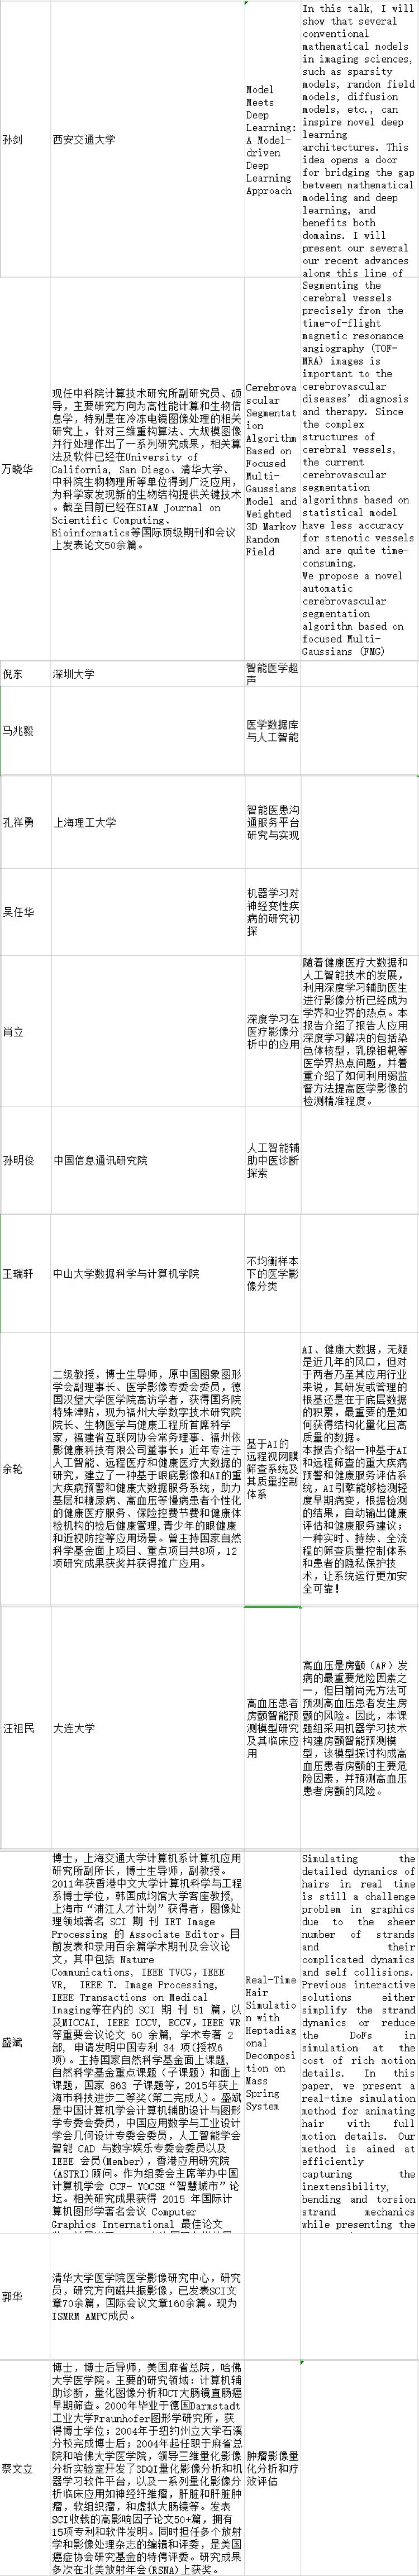 报告题目长图1.jpg